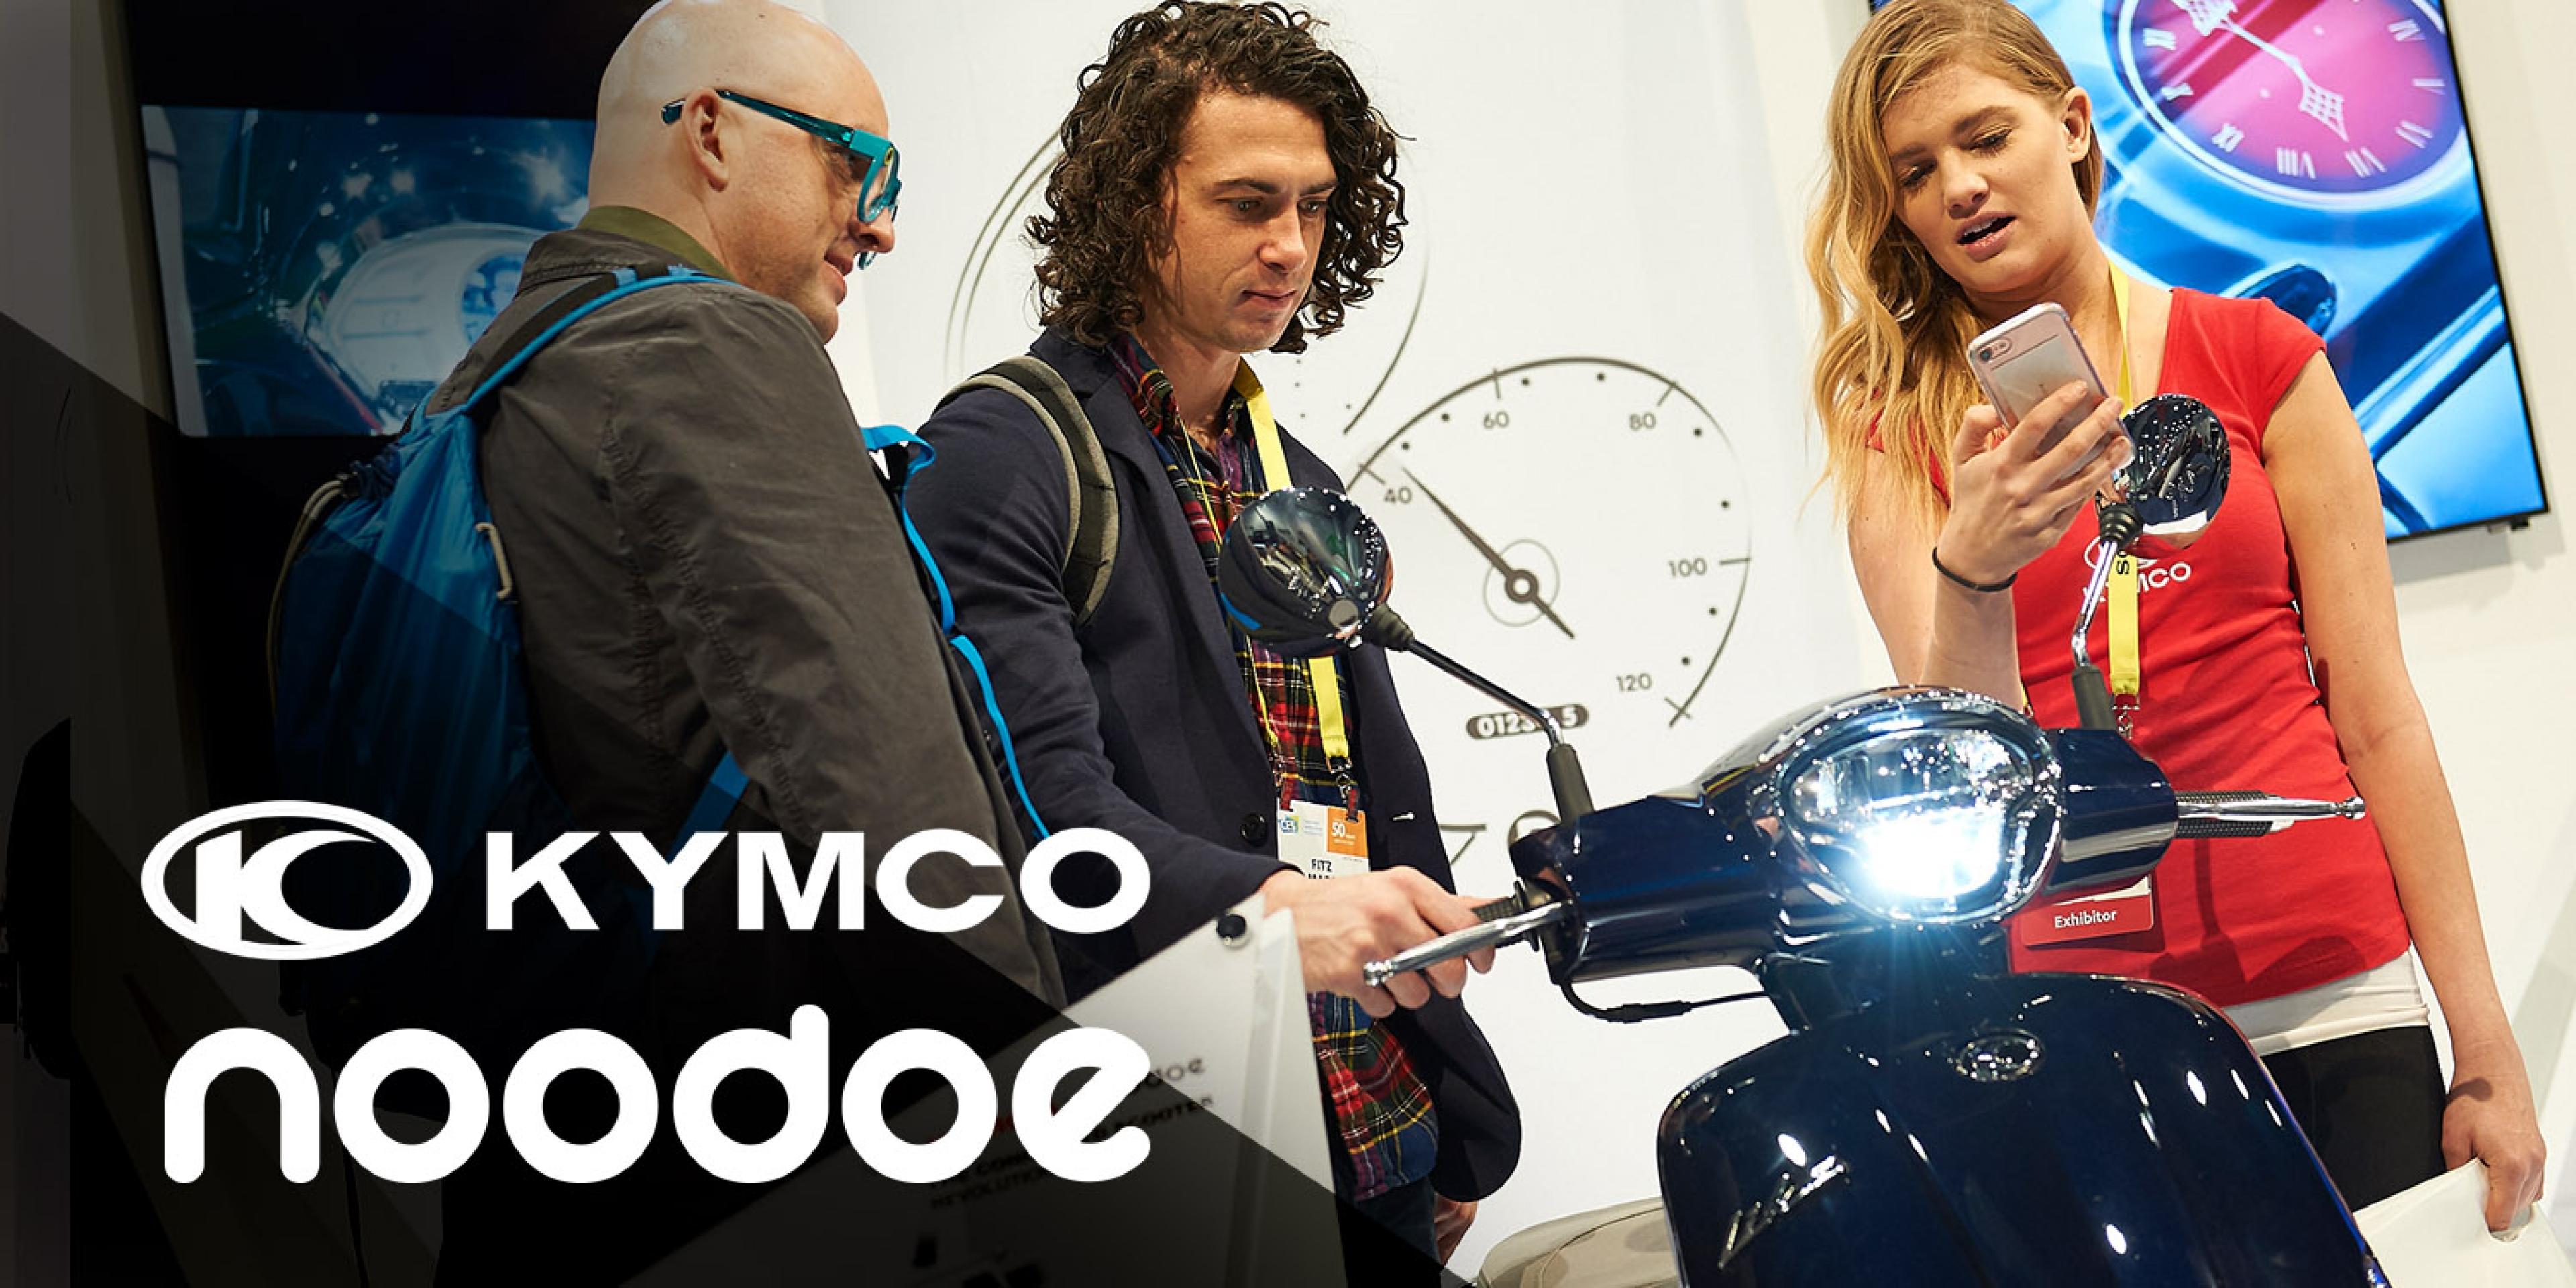 官方新聞稿。KYMCO Noodoe車聯網,用創新勇闖CES國際展